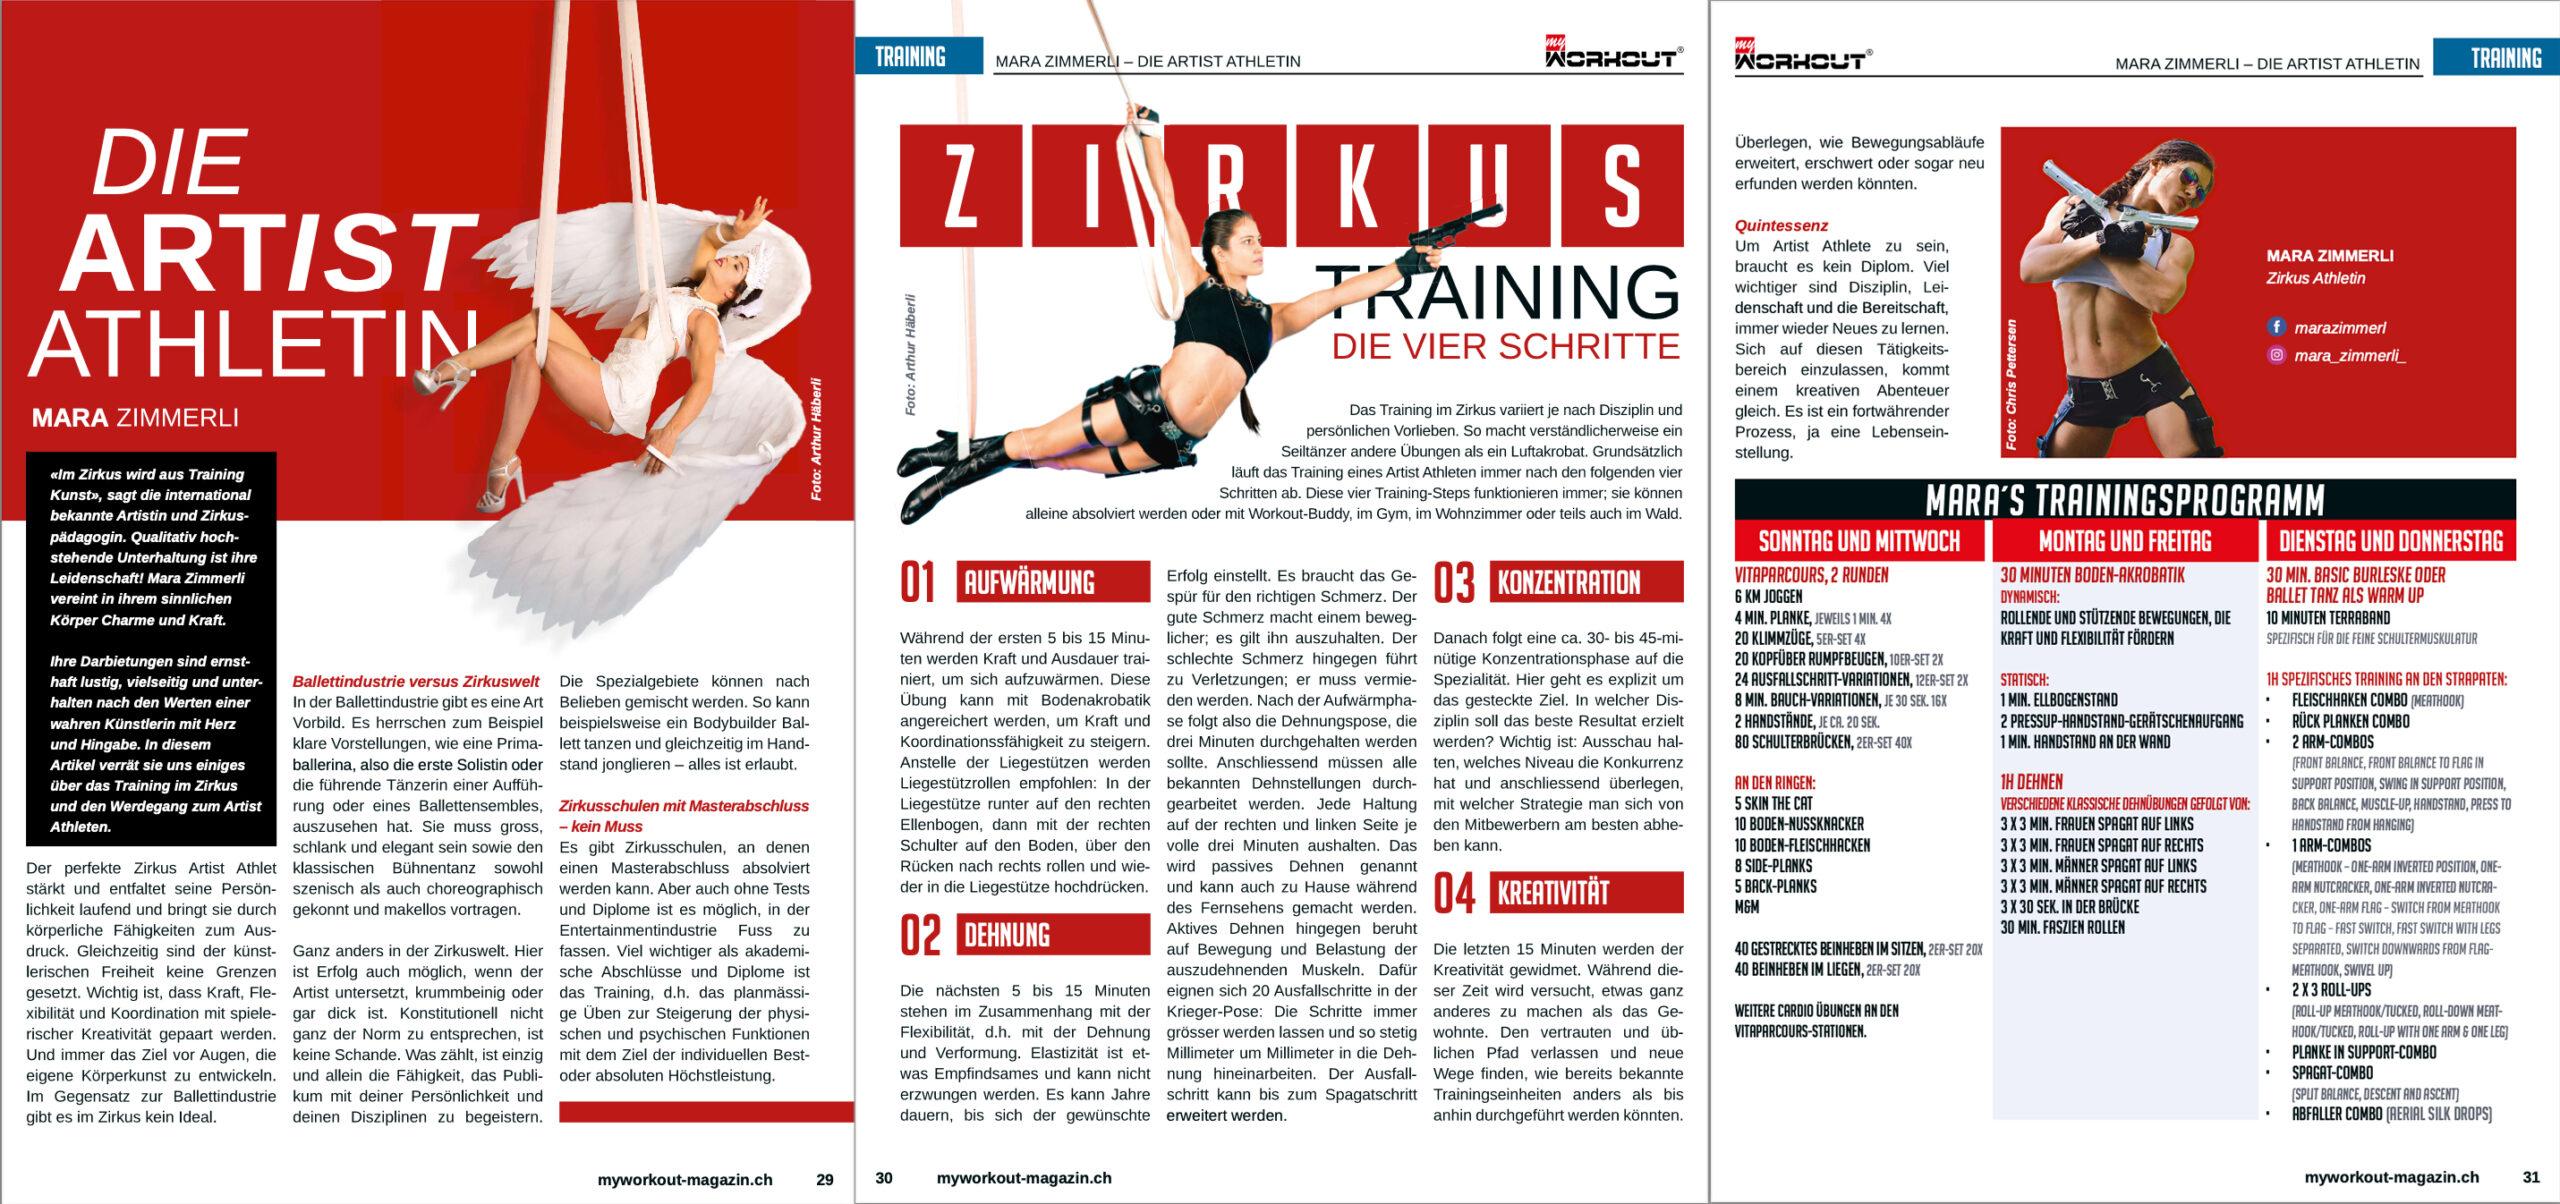 Workout Magazin, Mara Zimmerli, online Artikel